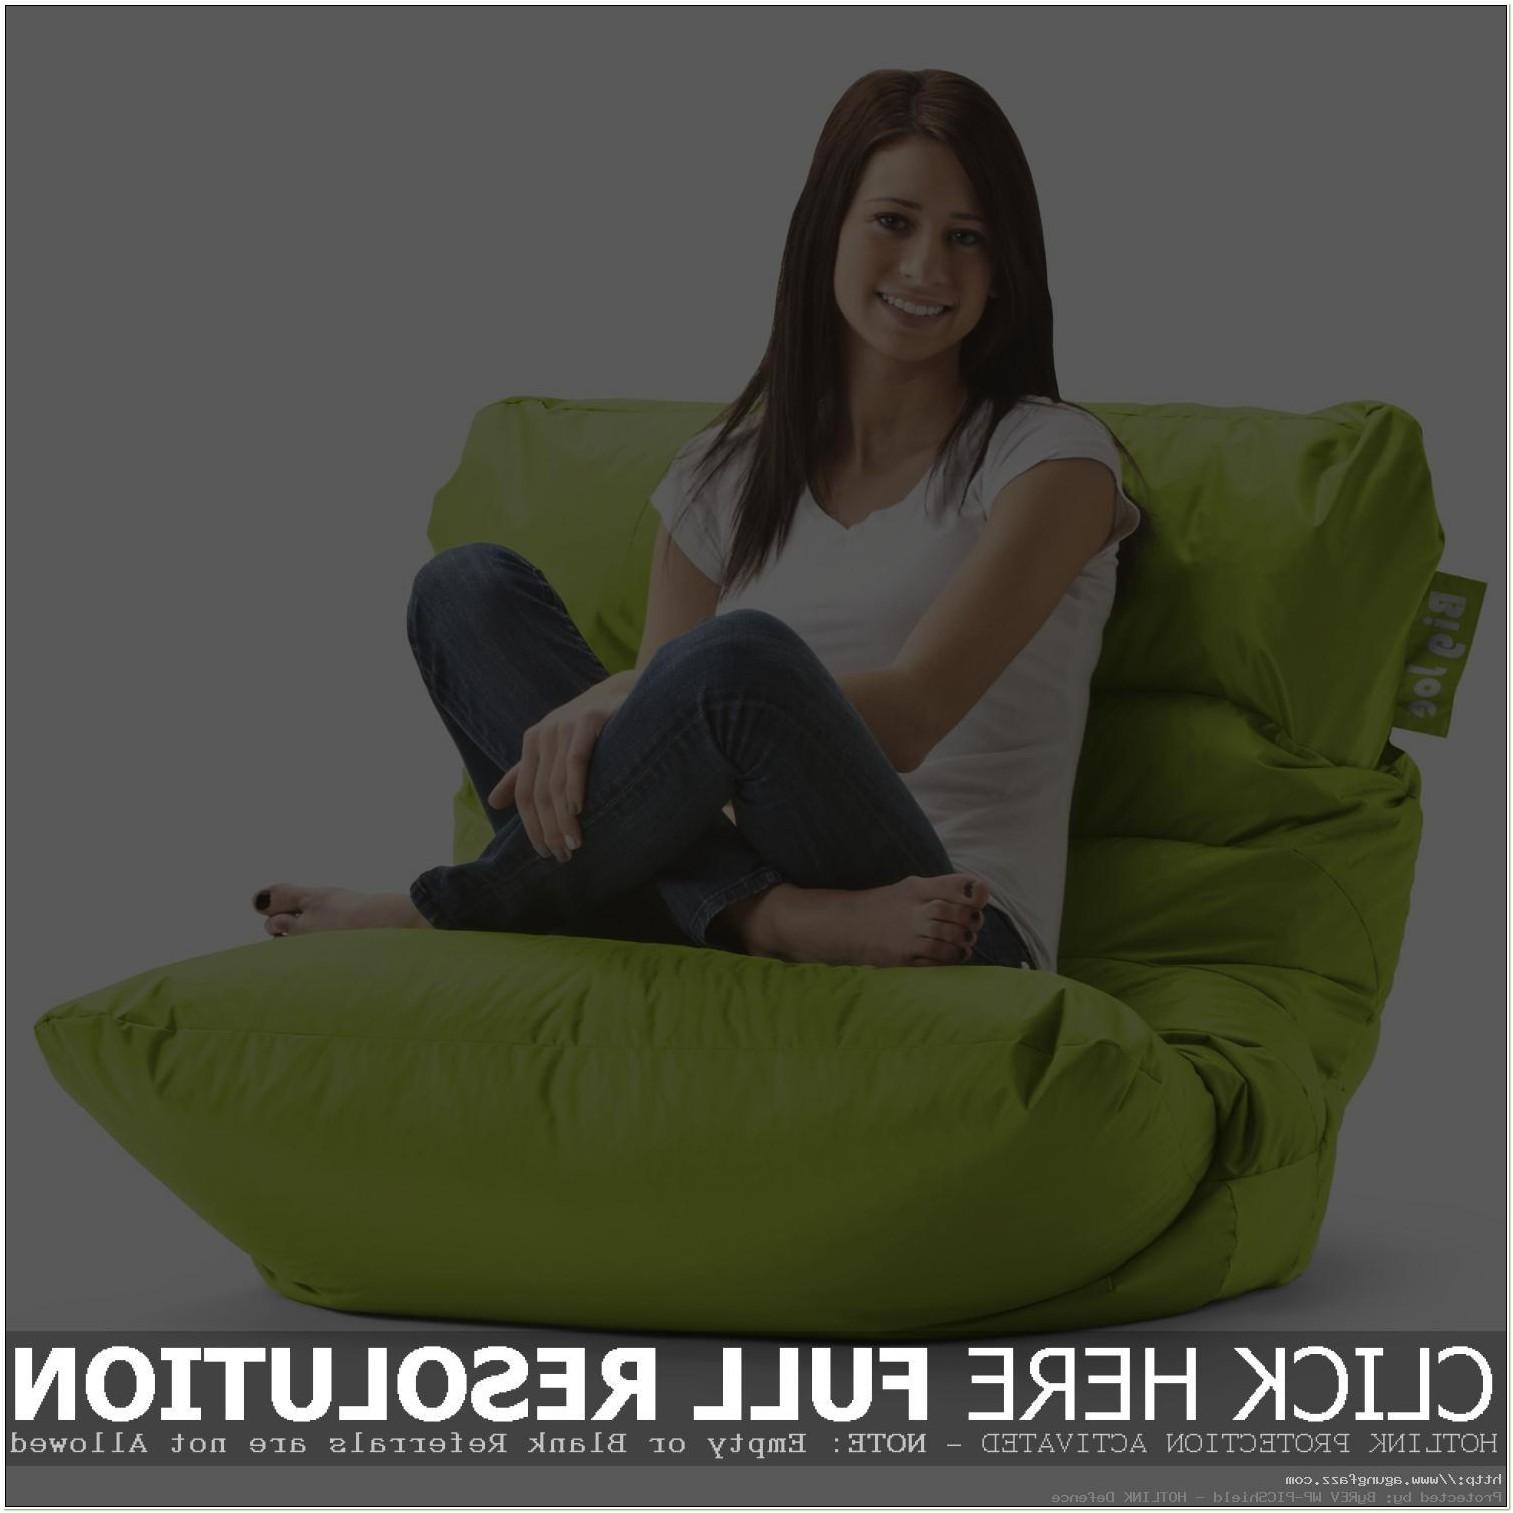 Lime Green Vinyl Bean Bag Chair